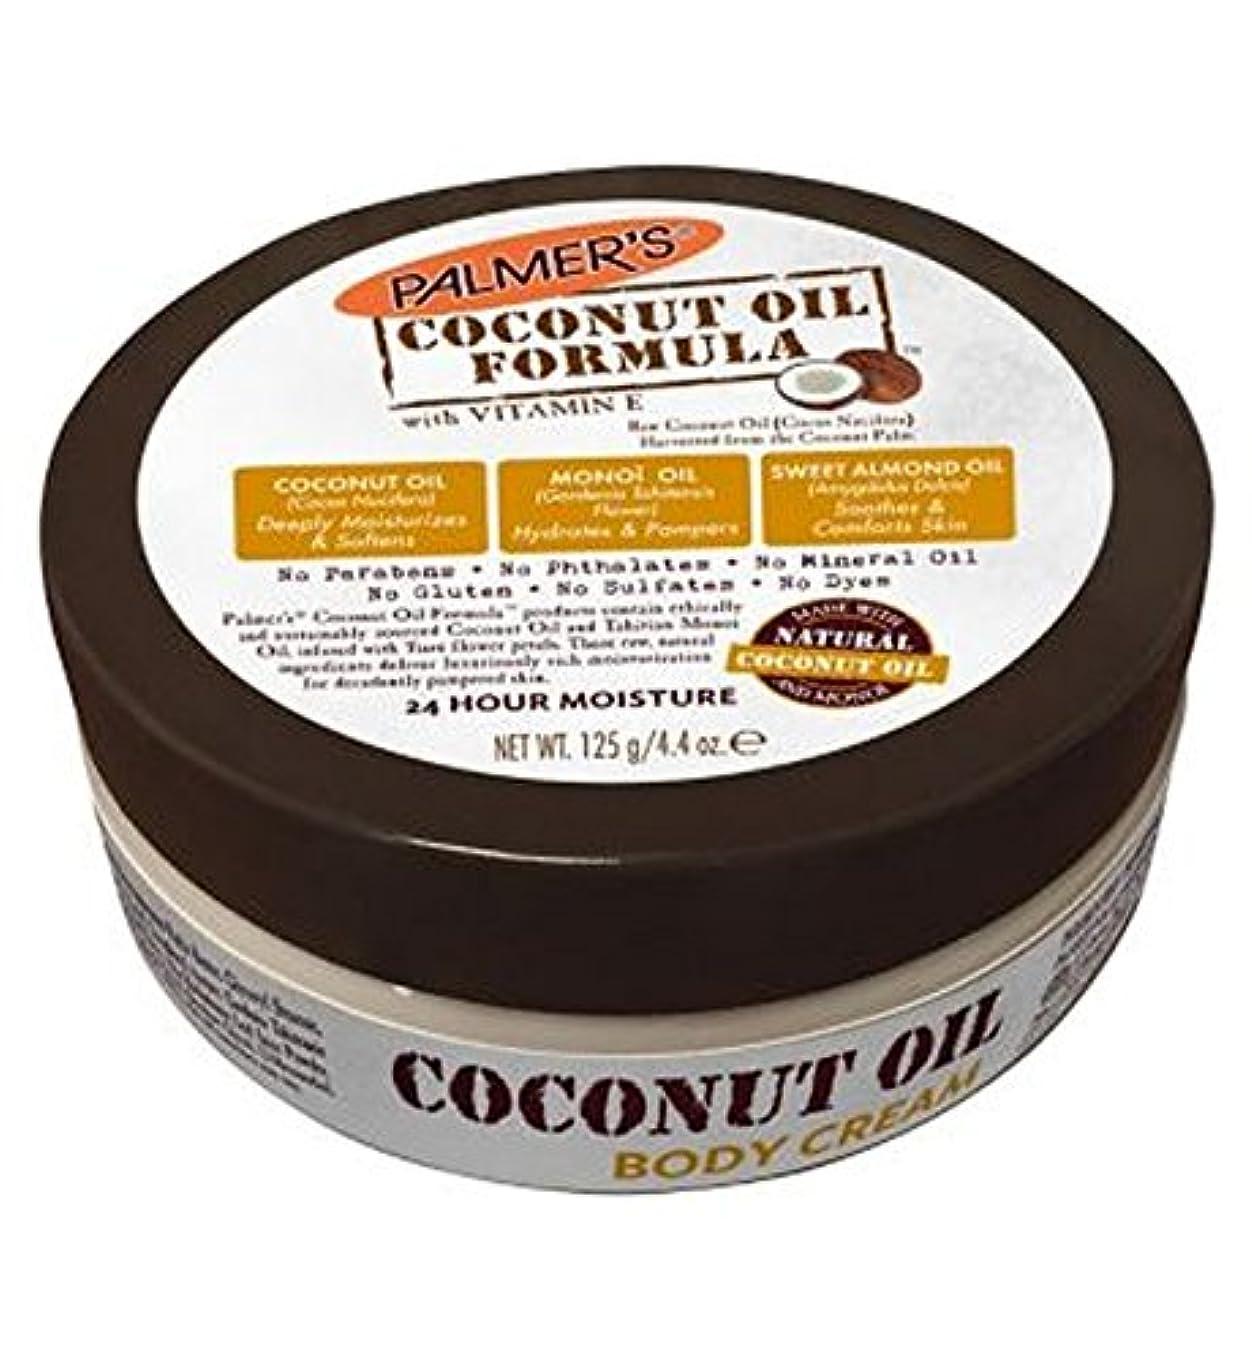 暴動シネウィ蒸留するパーマーのヤシ油式ボディクリーム125グラム (Palmer's) (x2) - Palmer's Coconut Oil Formula Body Cream 125g (Pack of 2) [並行輸入品]